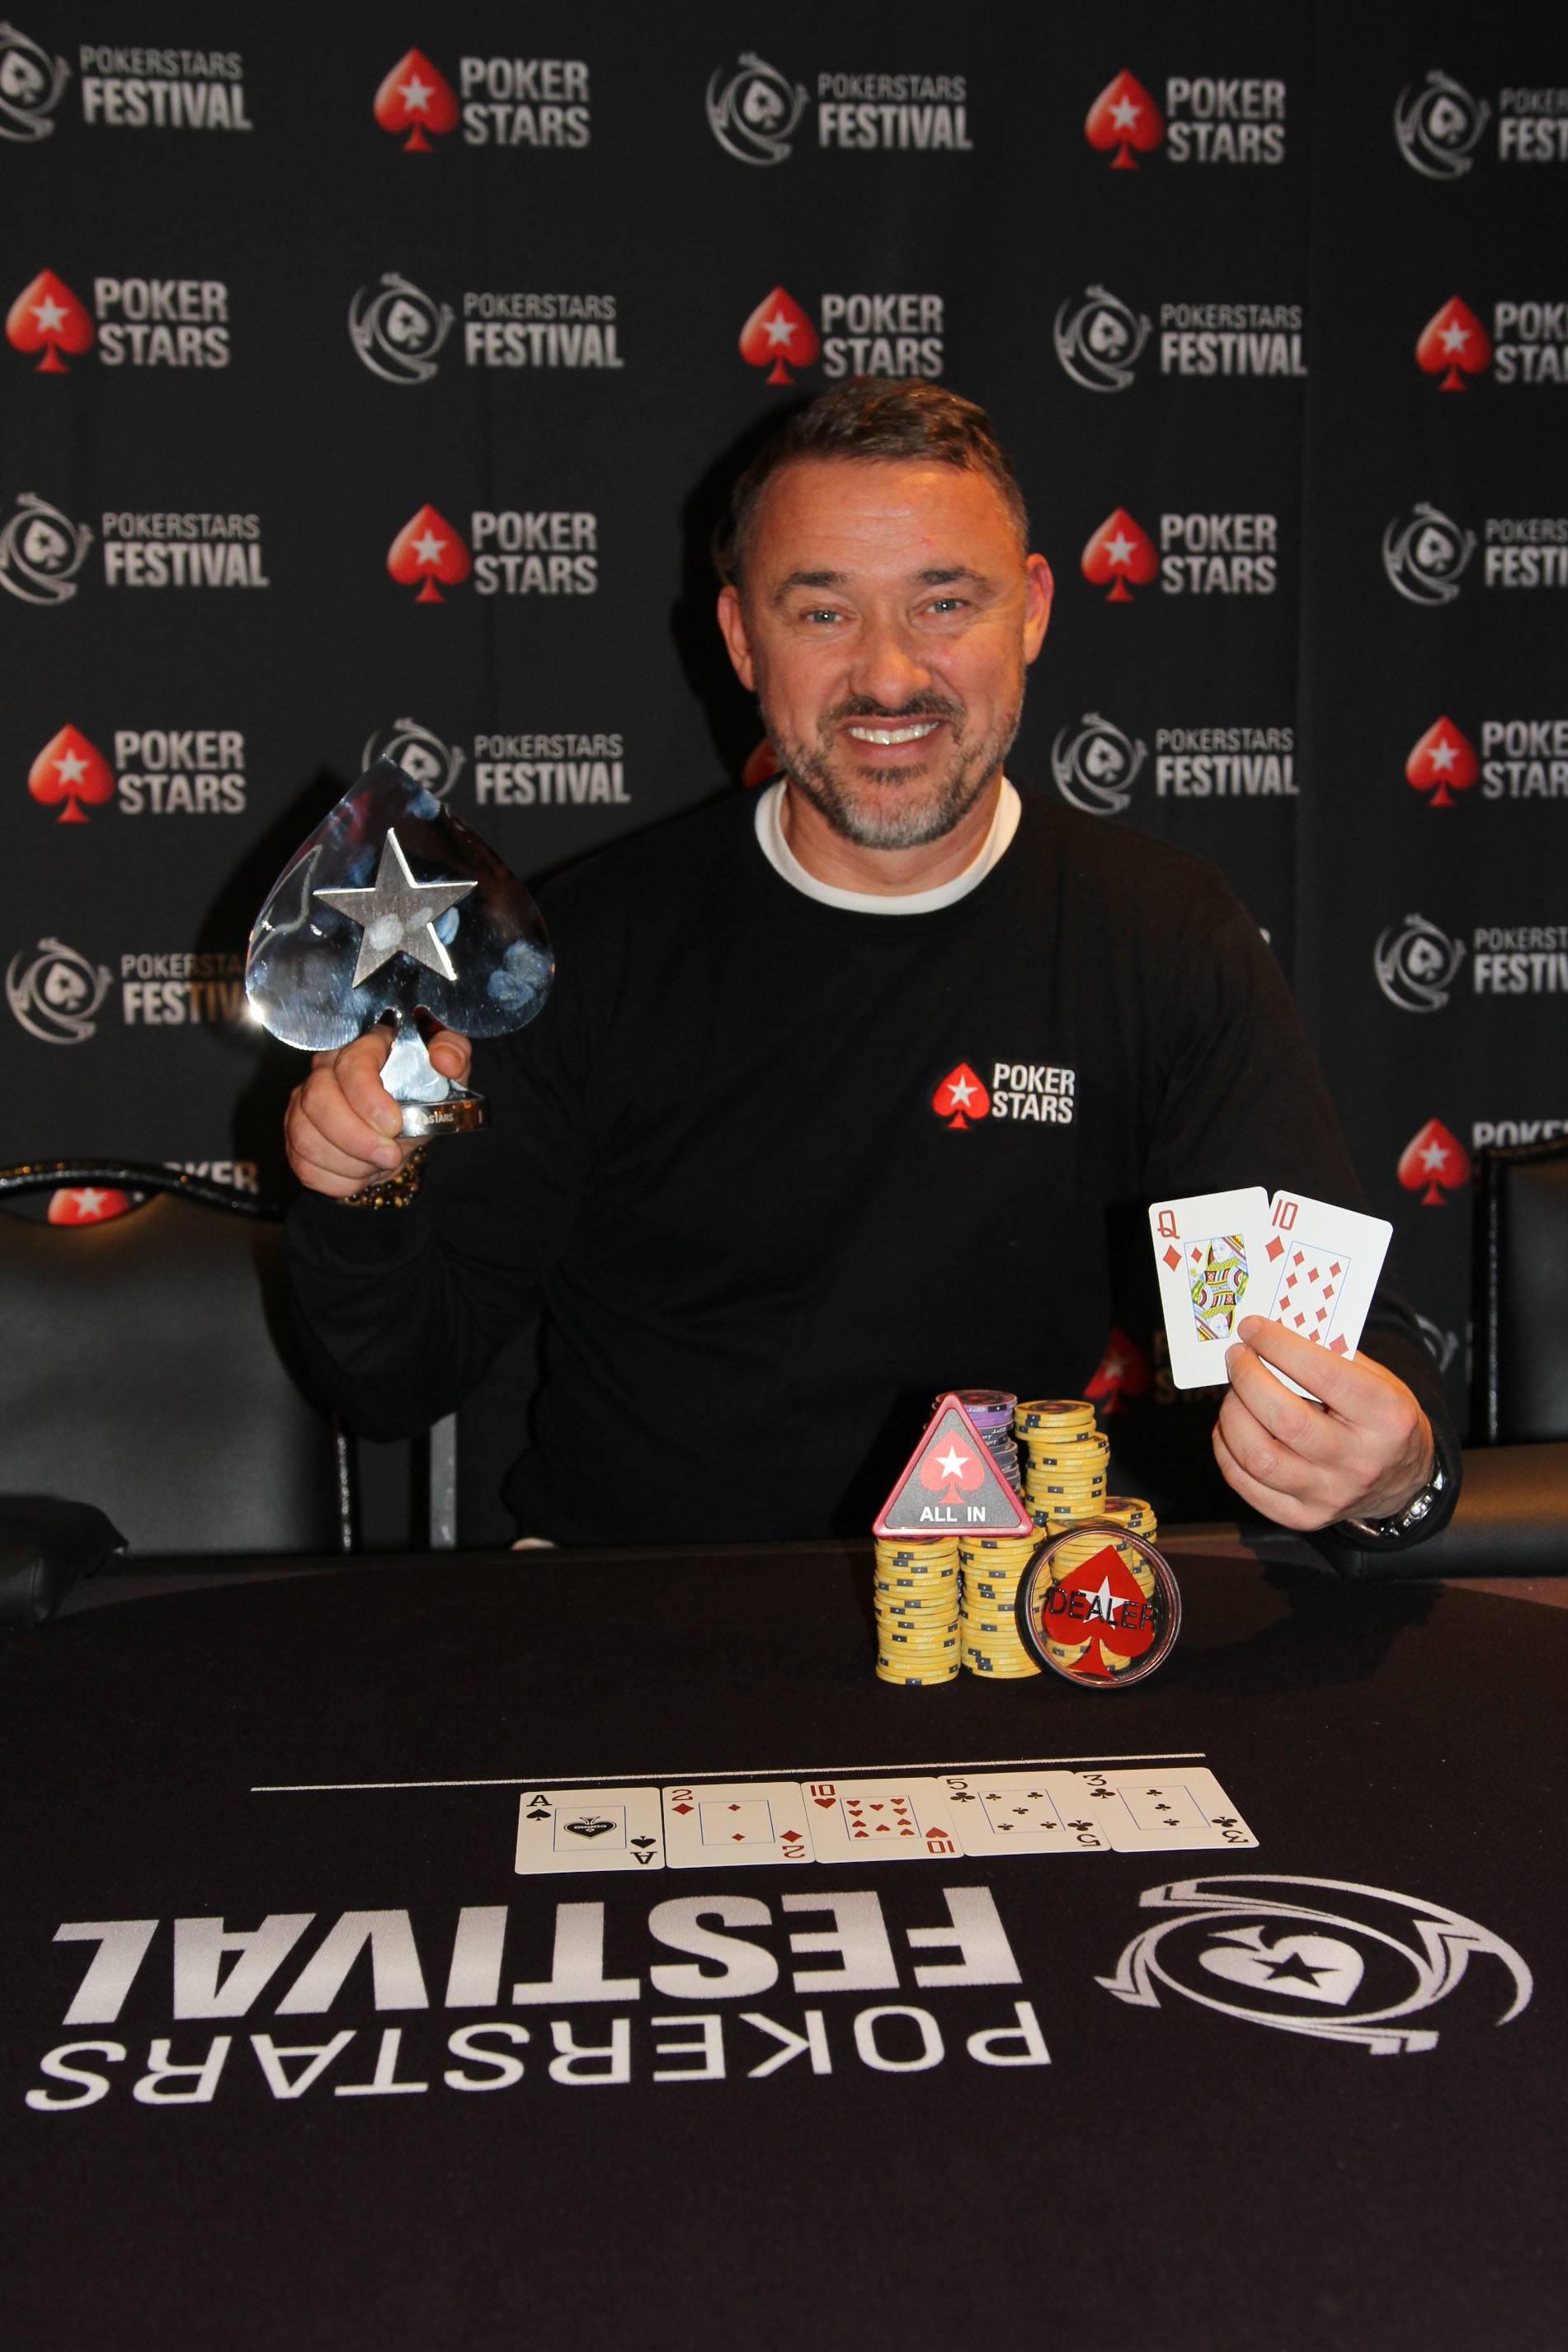 PokerStars & BetStars Stephen Hendry on snooker, gambling & food